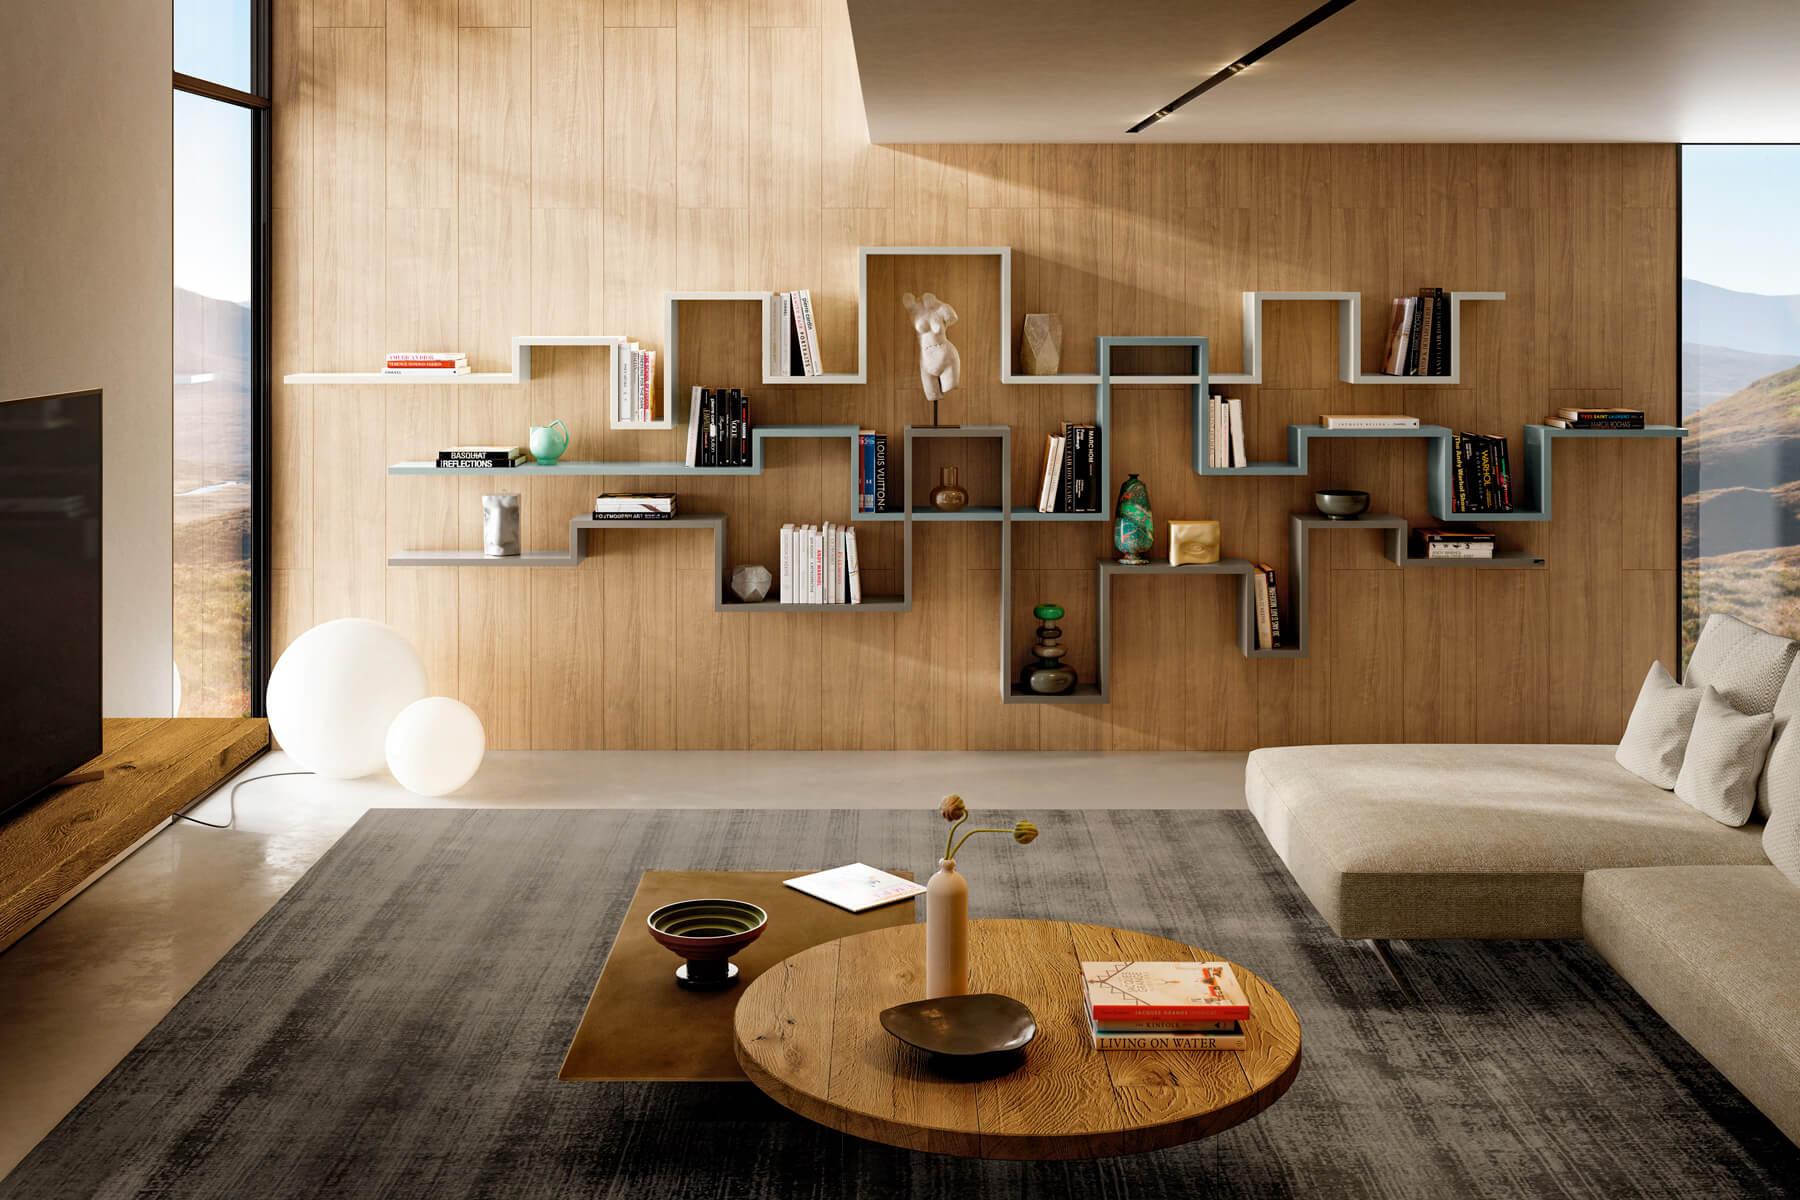 libreria-soggliorno-contemporanea